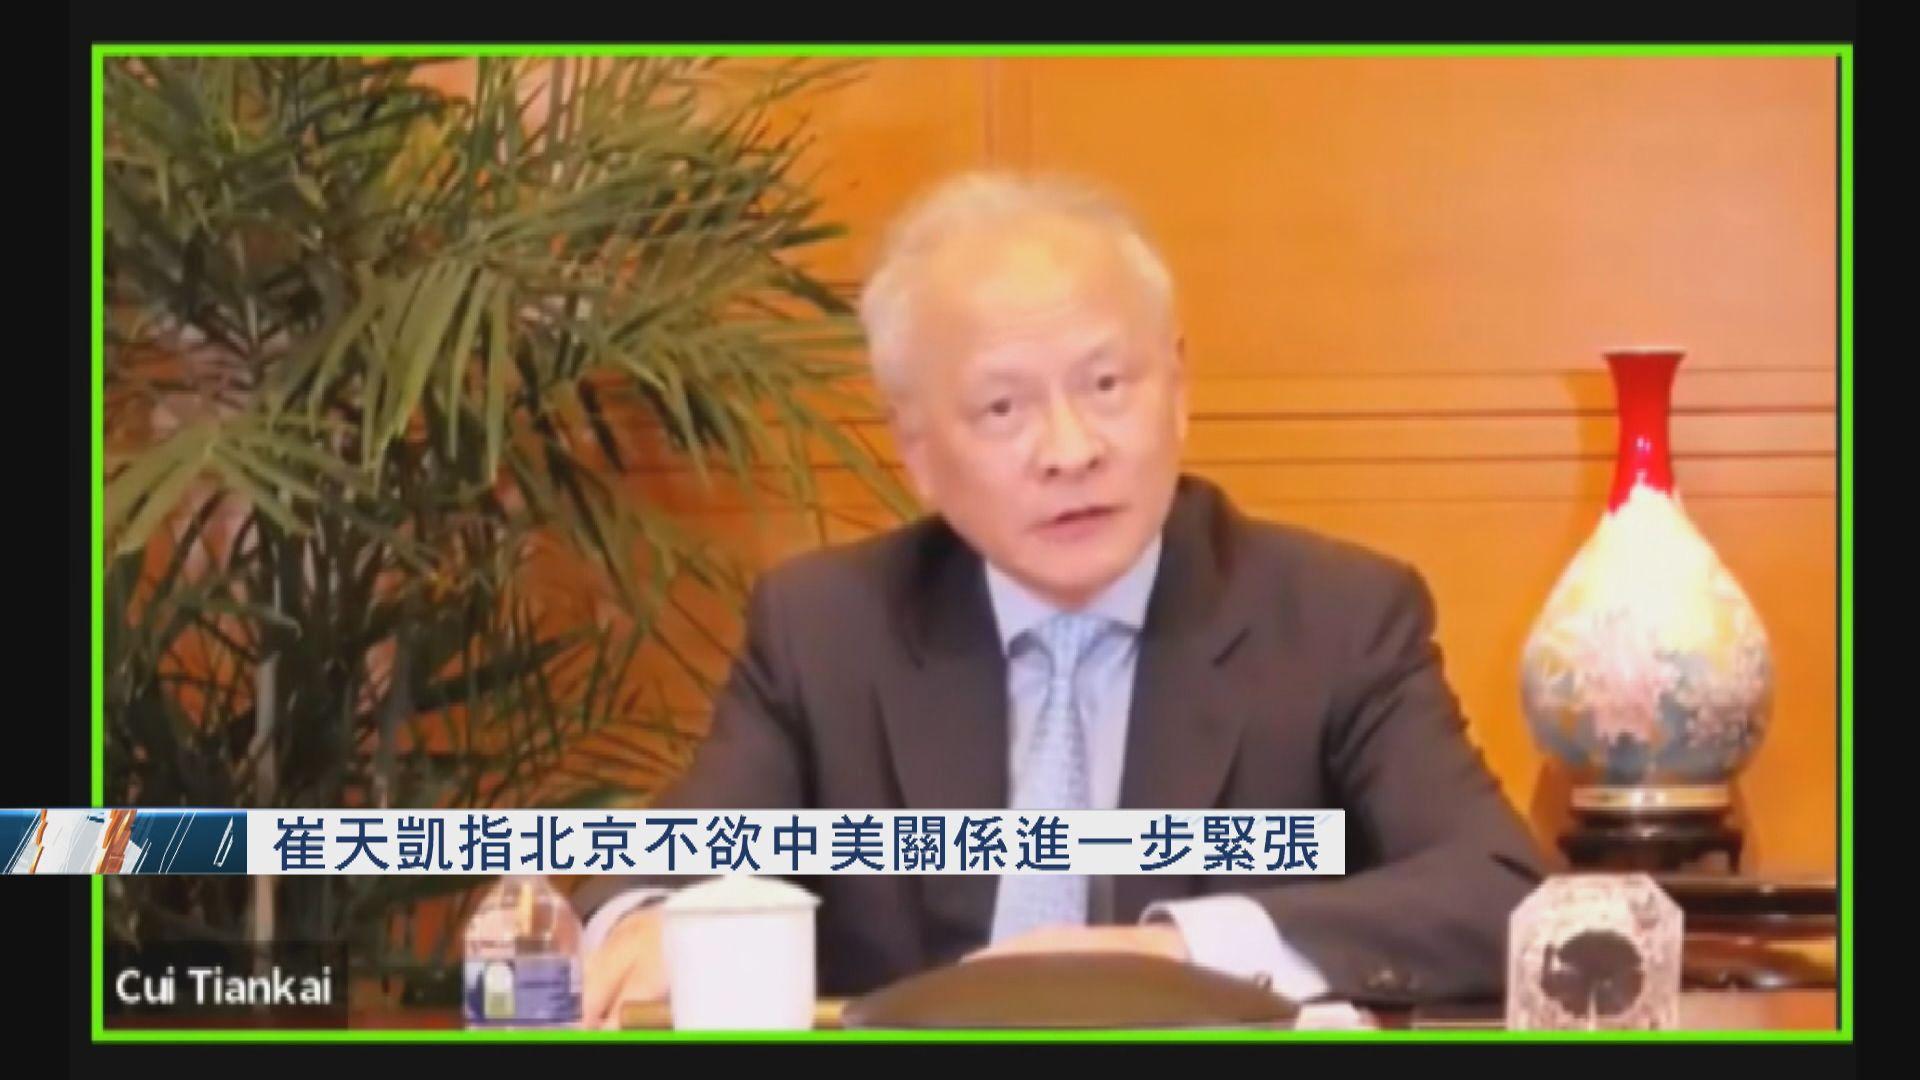 崔天凱指北京不欲中美關係進一步緊張